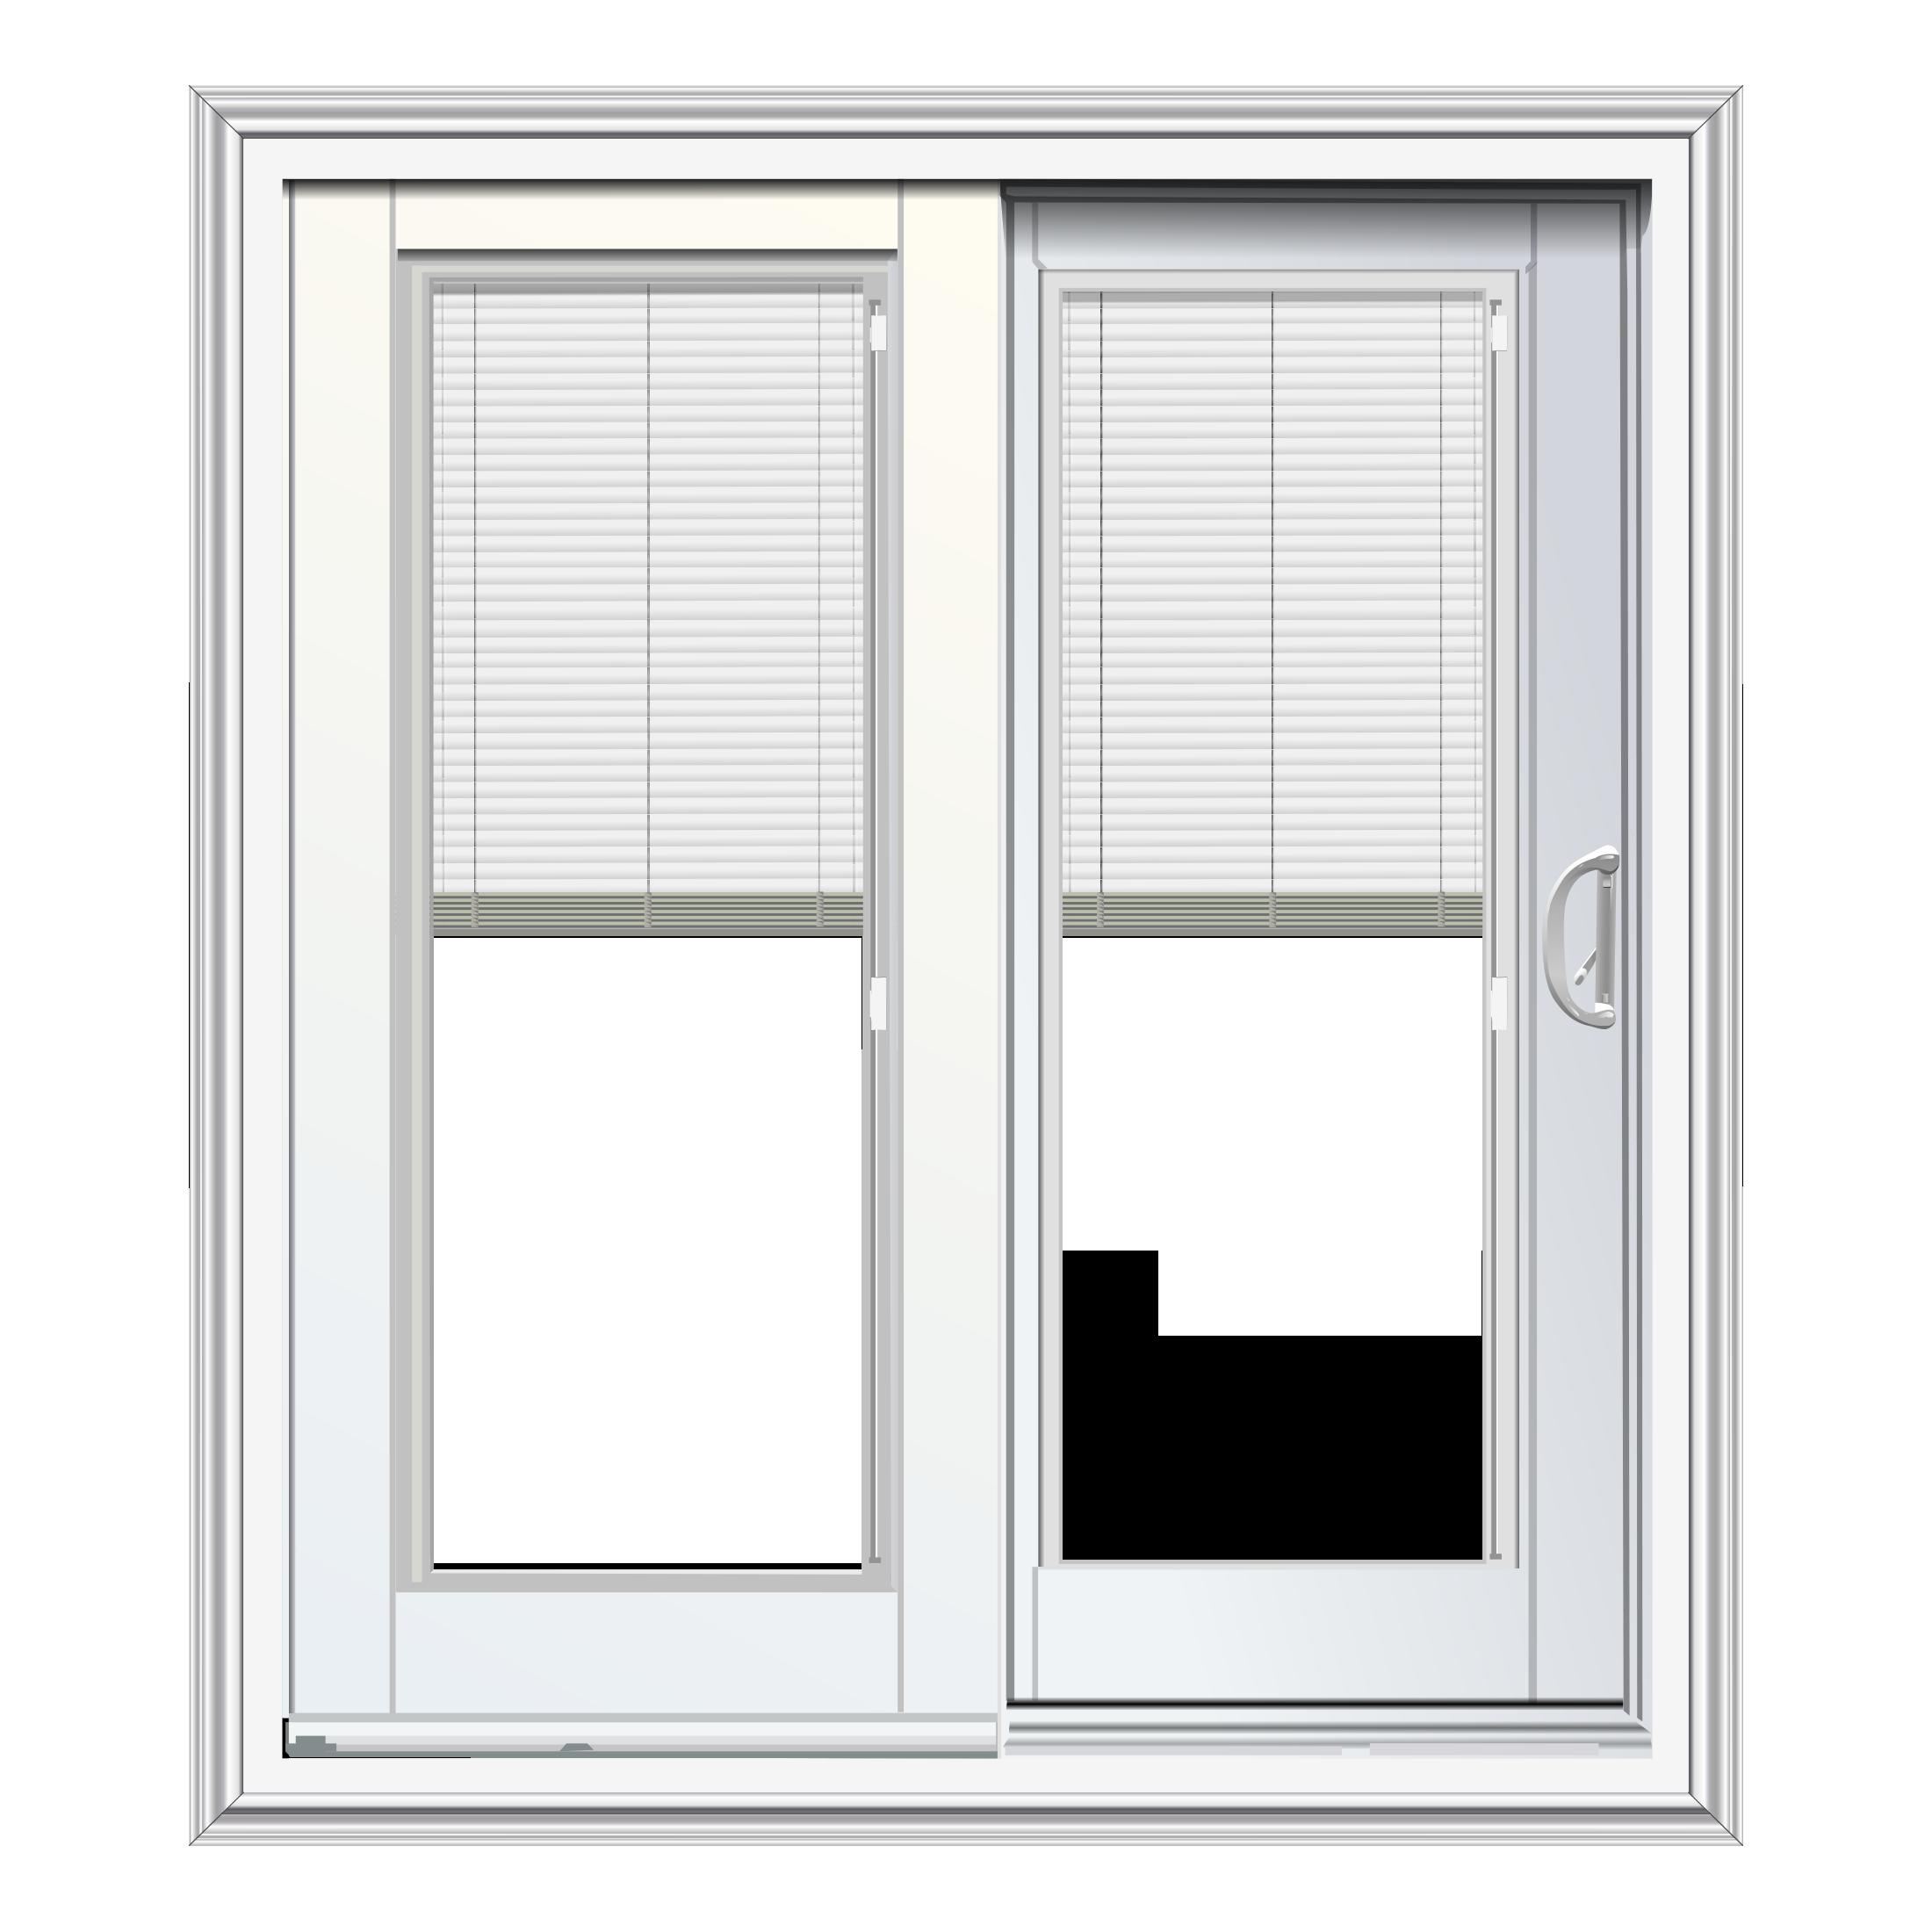 Replacement Windows Patio Doors Blinds Between Glassorange